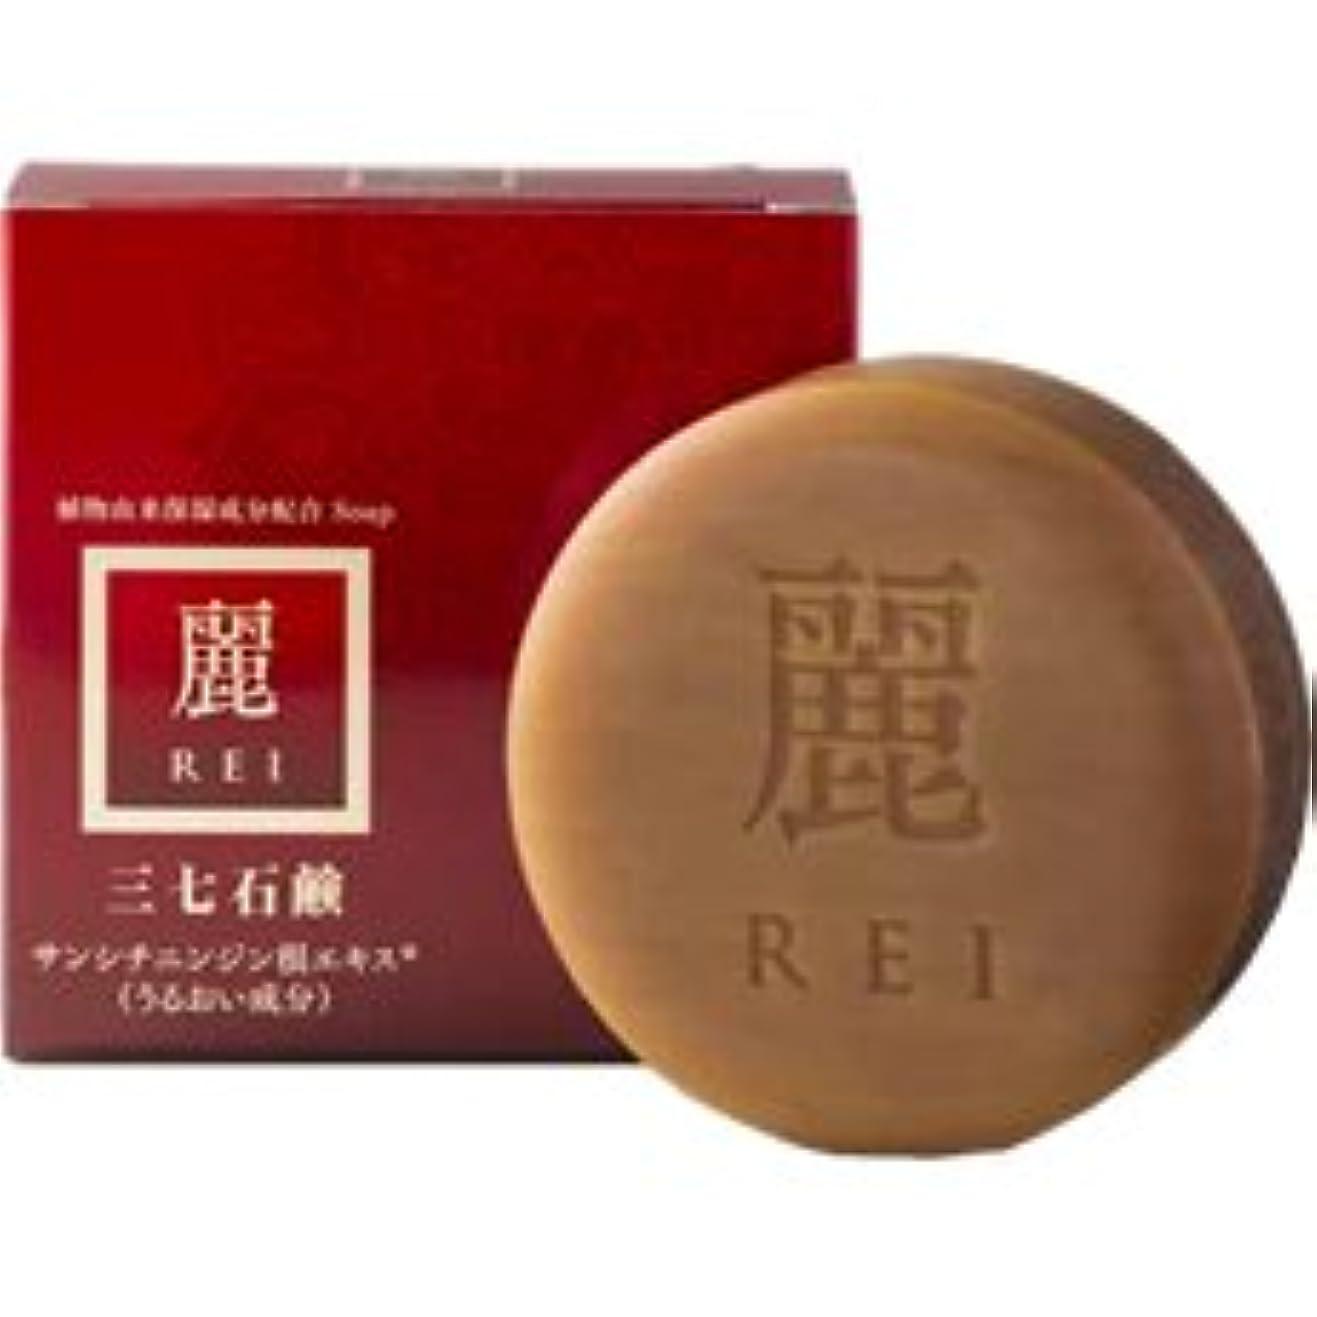 神秘地下ラボ三七石鹸 麗(れい) 100g